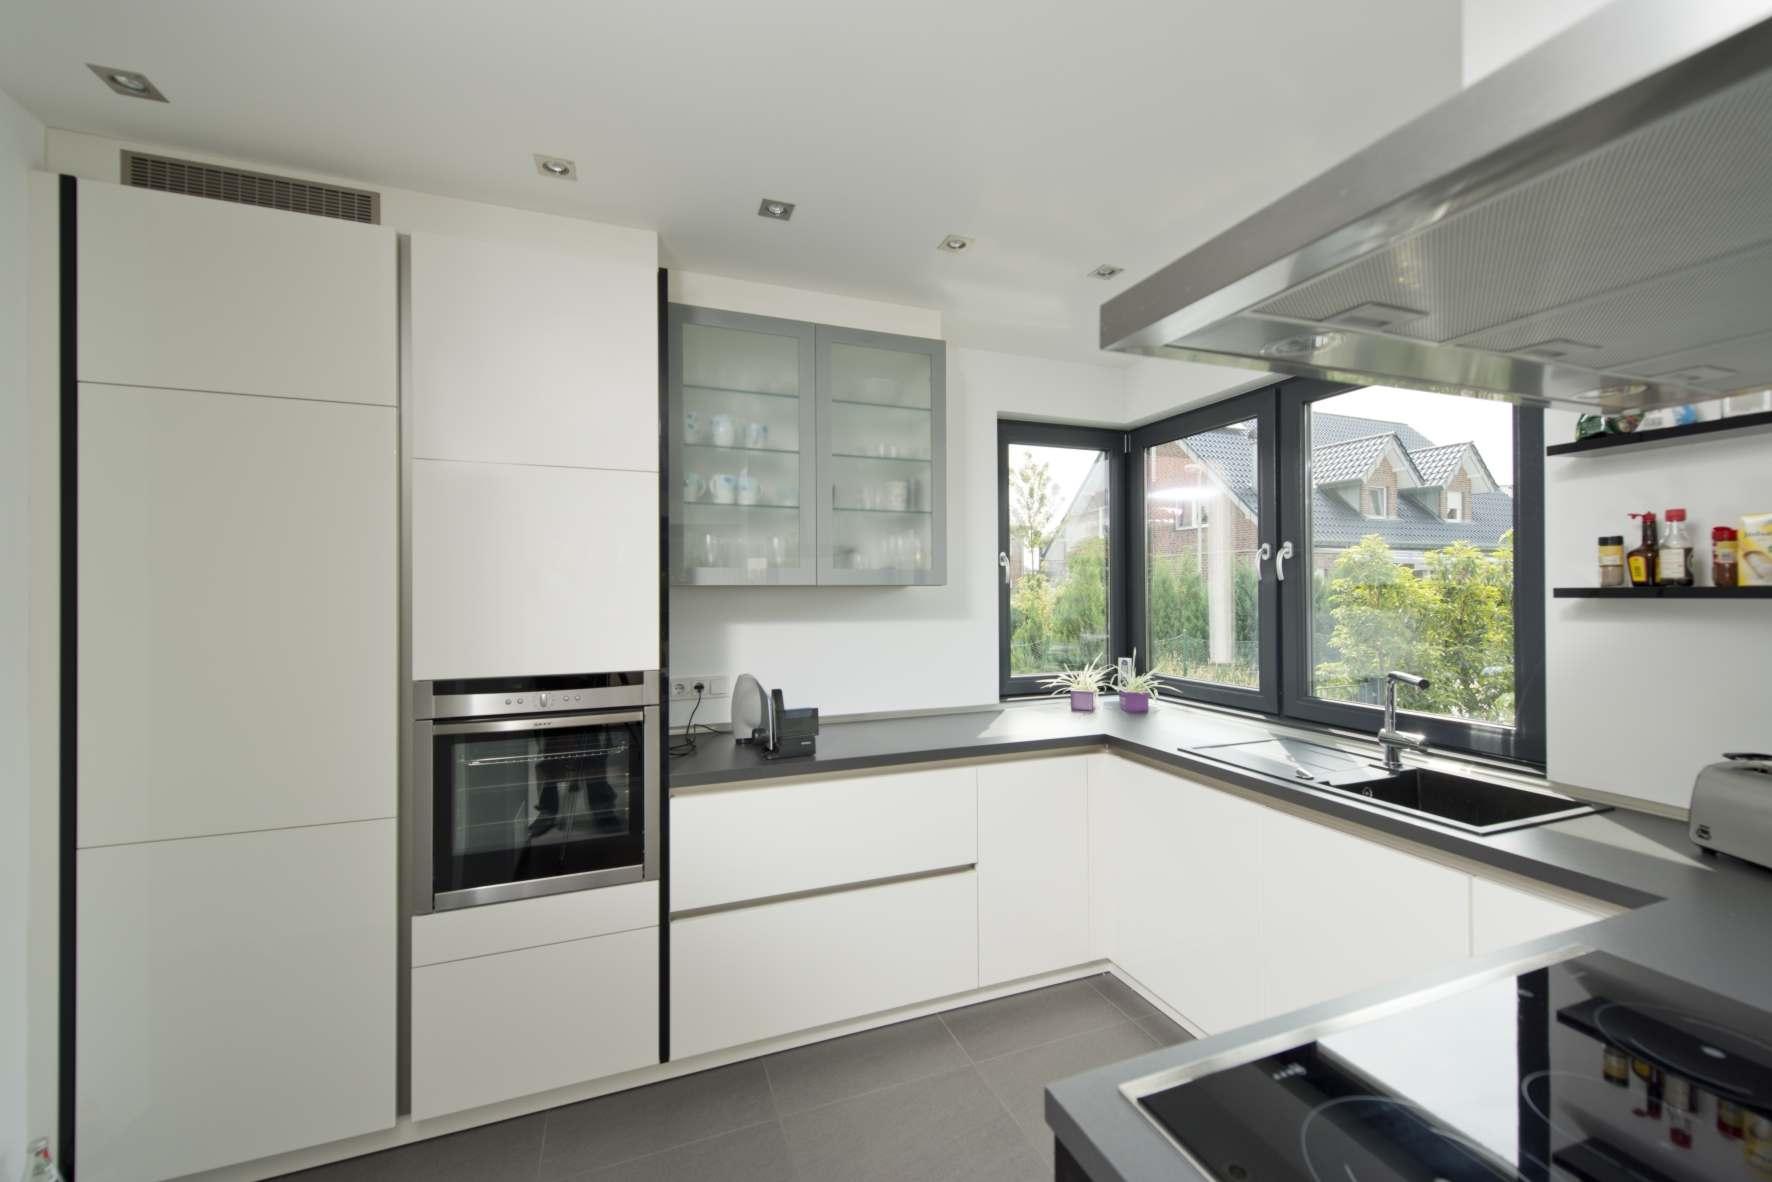 modernes Holzhaus, 2-geschossig, Küche mit Eckfenster